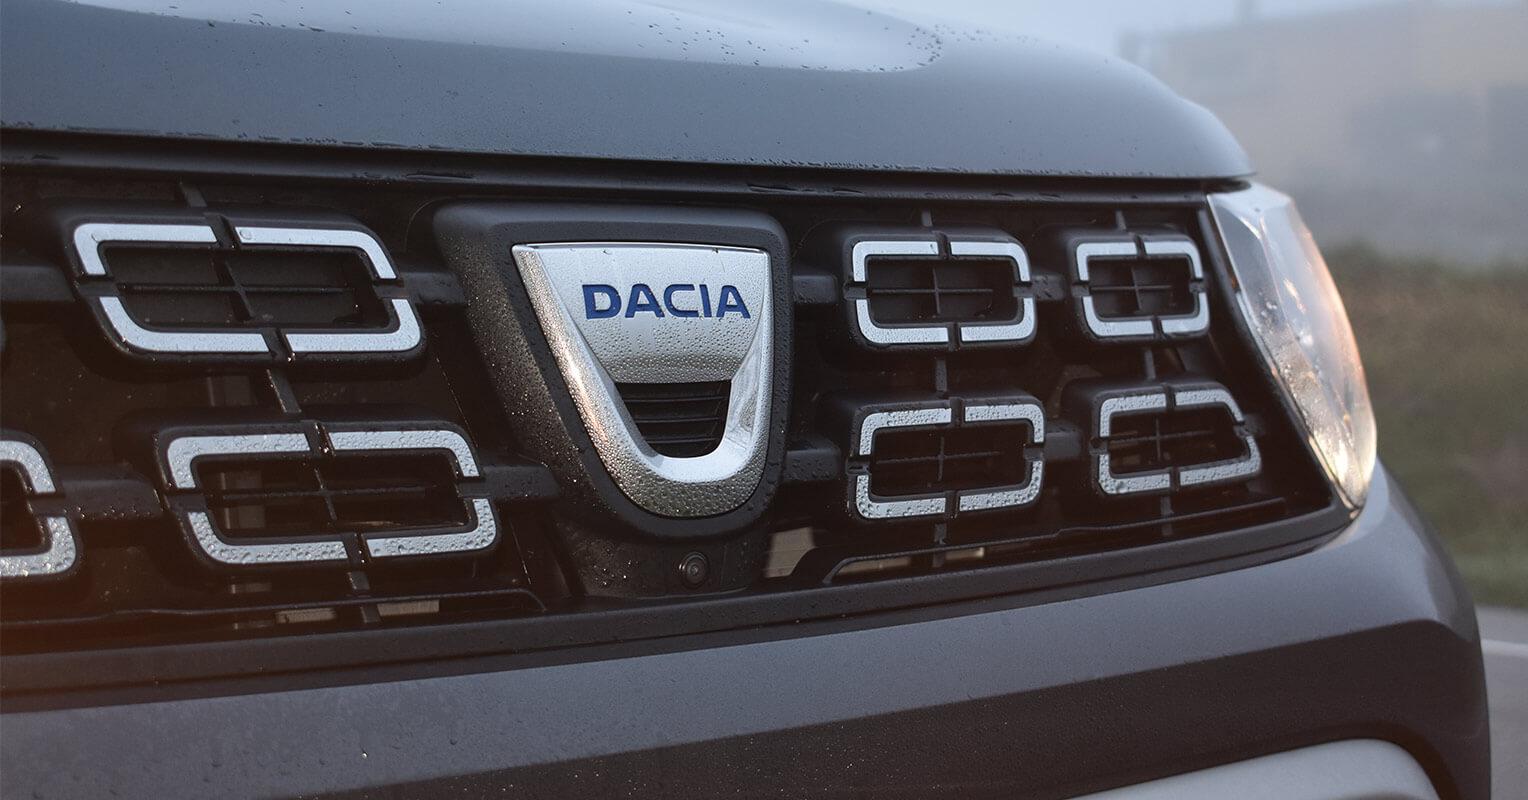 Parrilla del Dacia Duster